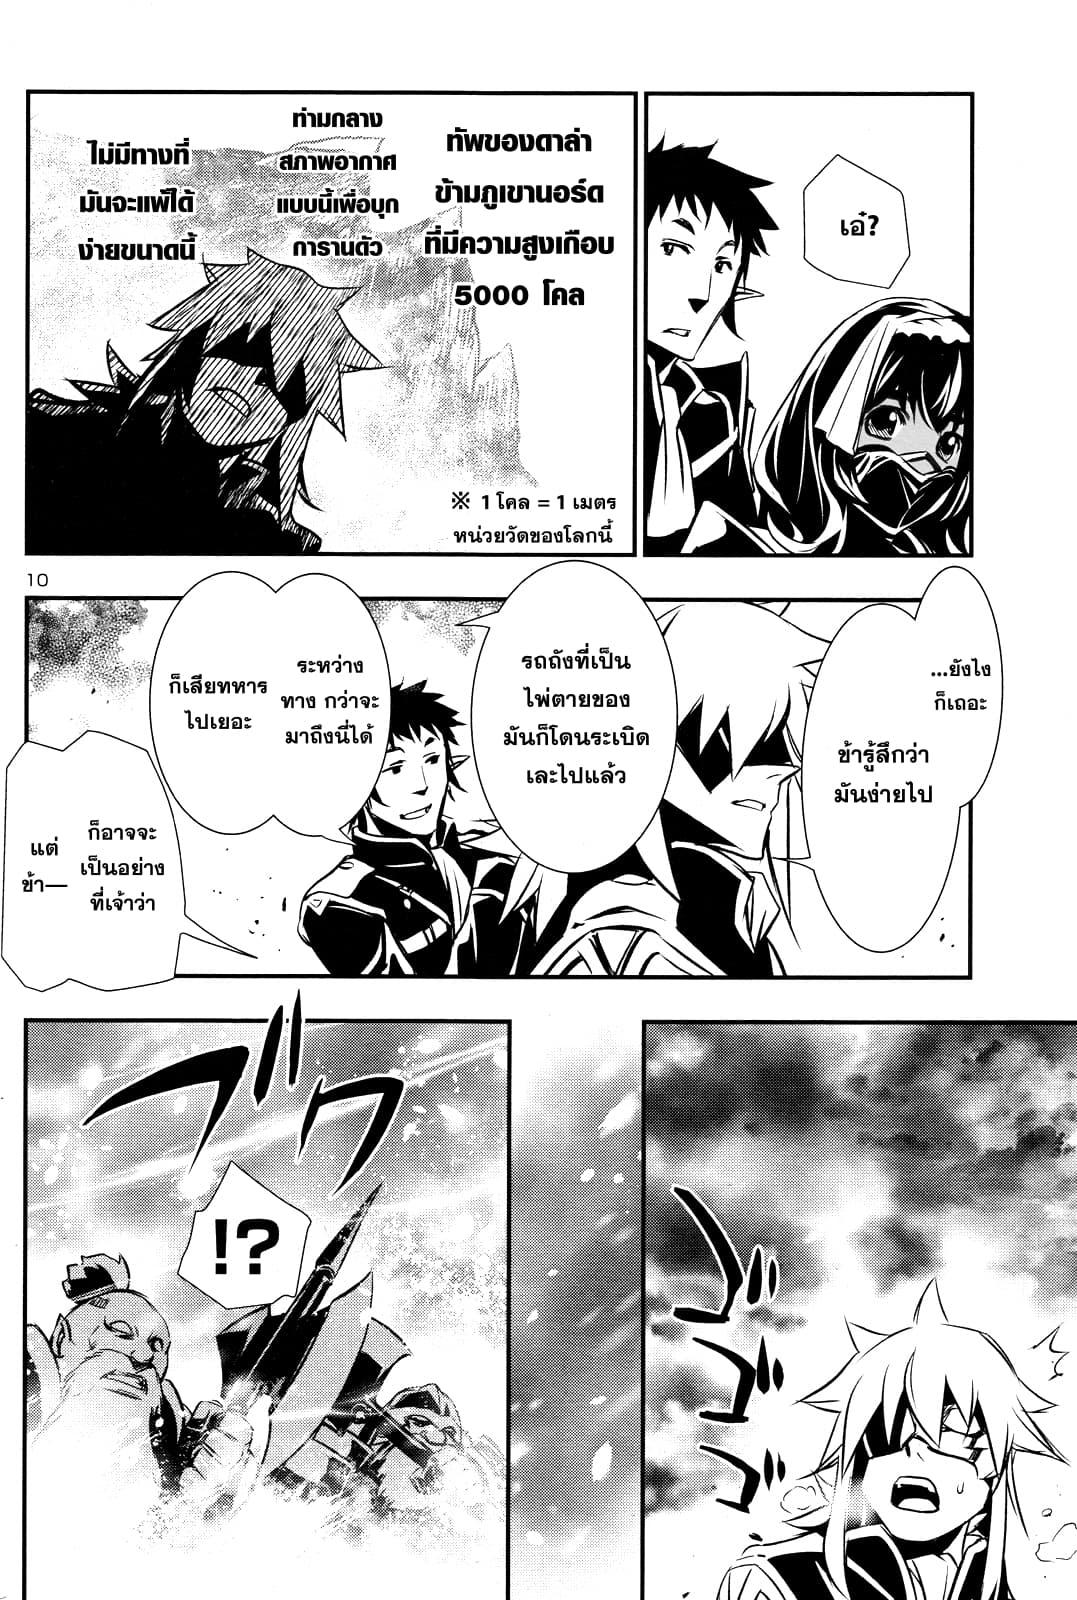 อ่านการ์ตูน Shinju no Nectar ตอนที่ 12 หน้าที่ 10